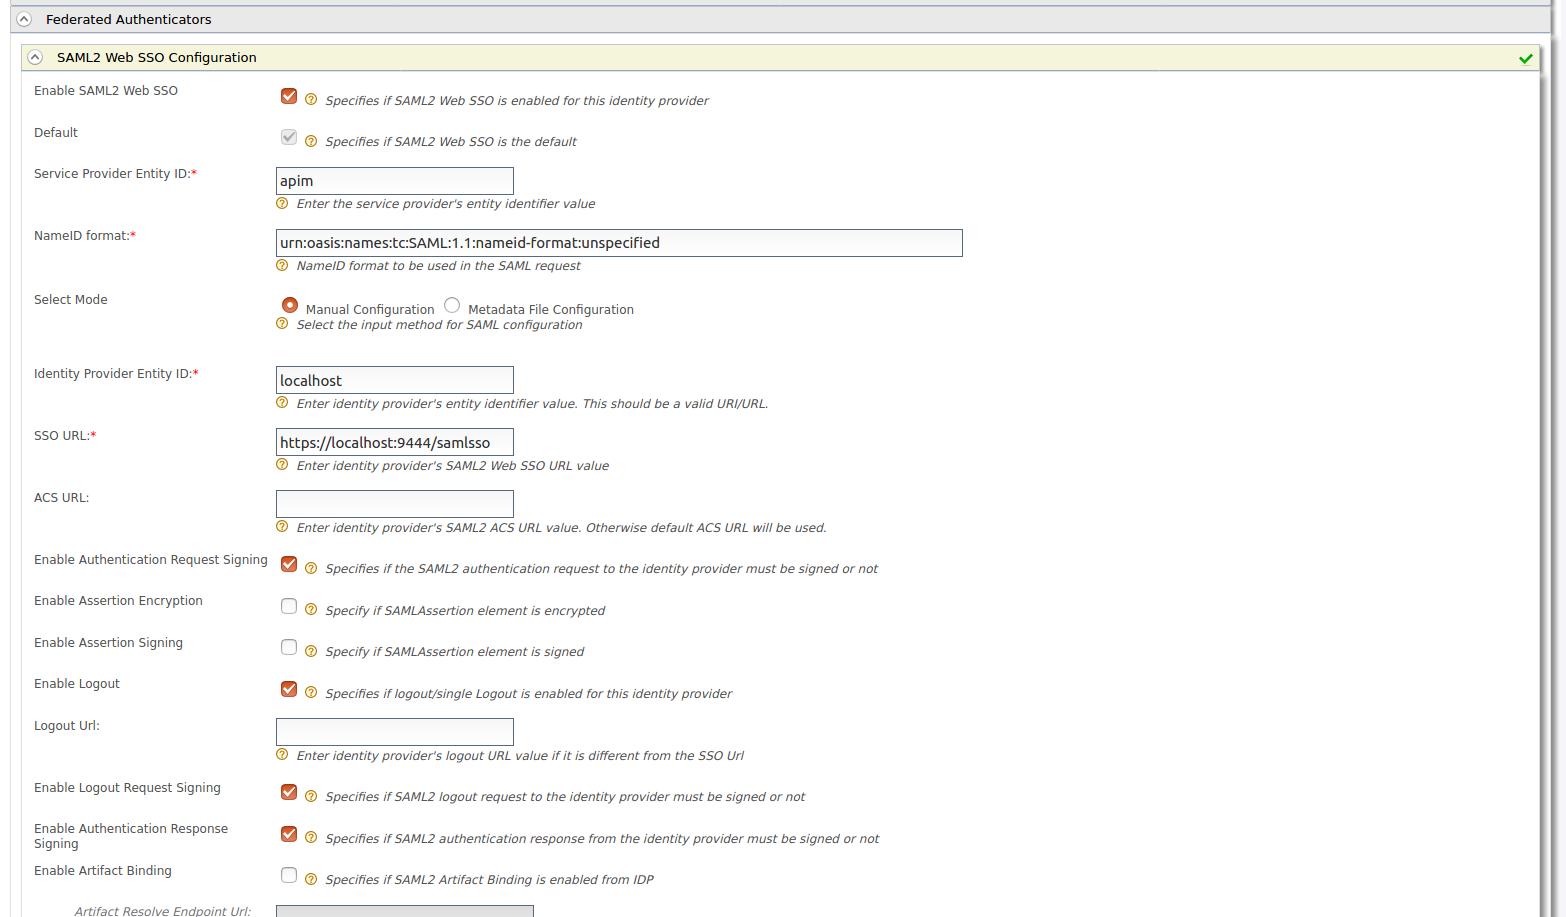 SAML configuration in Identity Provider